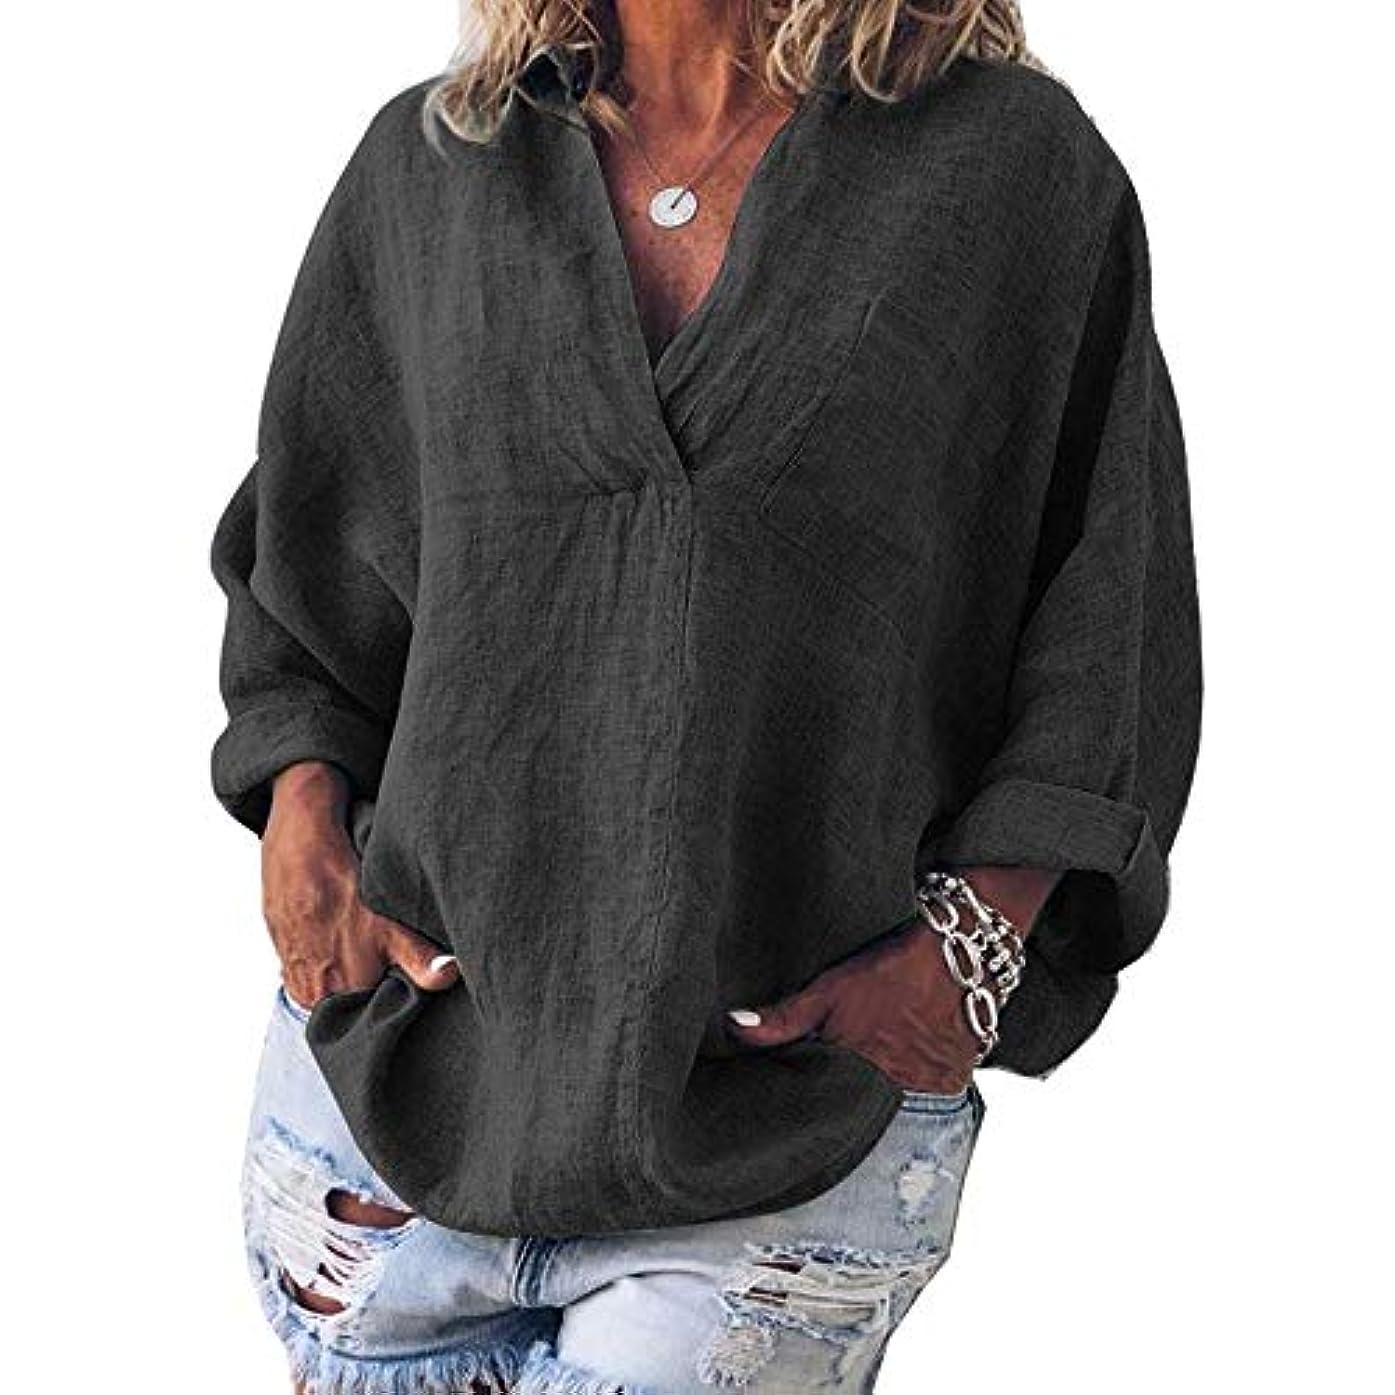 力強い守る司令官MIFAN女性ファッション春夏チュニックトップス深いVネックTシャツ長袖プルオーバールーズリネンブラウス